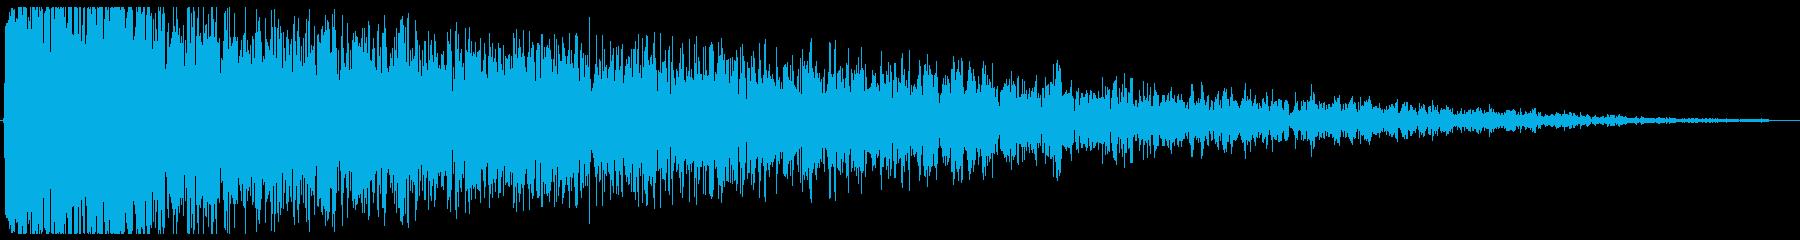 ドカンブオーッ(爆弾・恐竜)の再生済みの波形